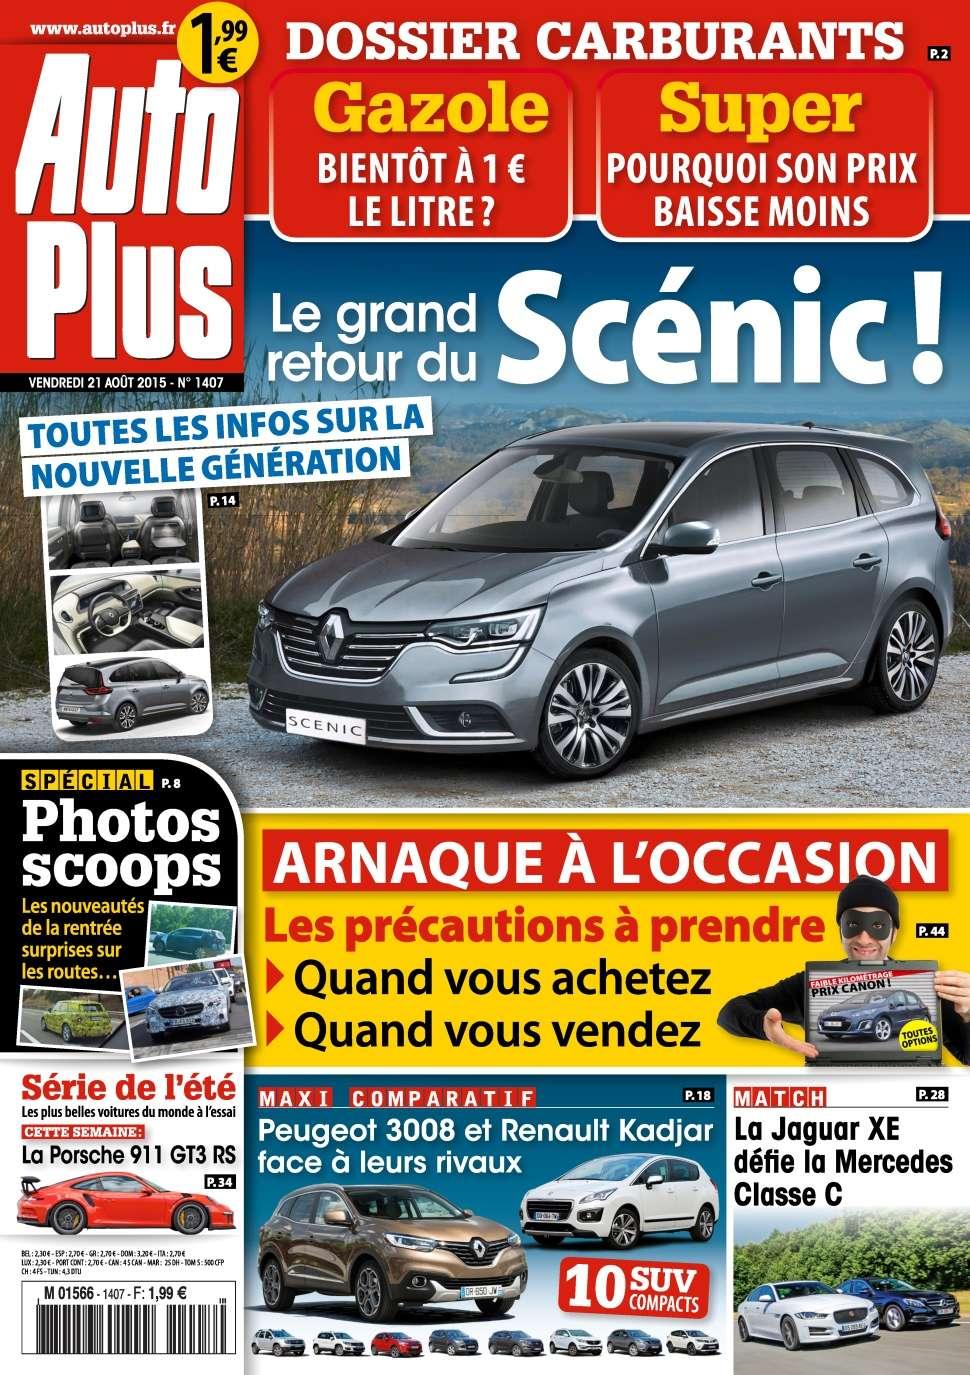 Auto Plus 1407 - 21 au 27 Août 2015